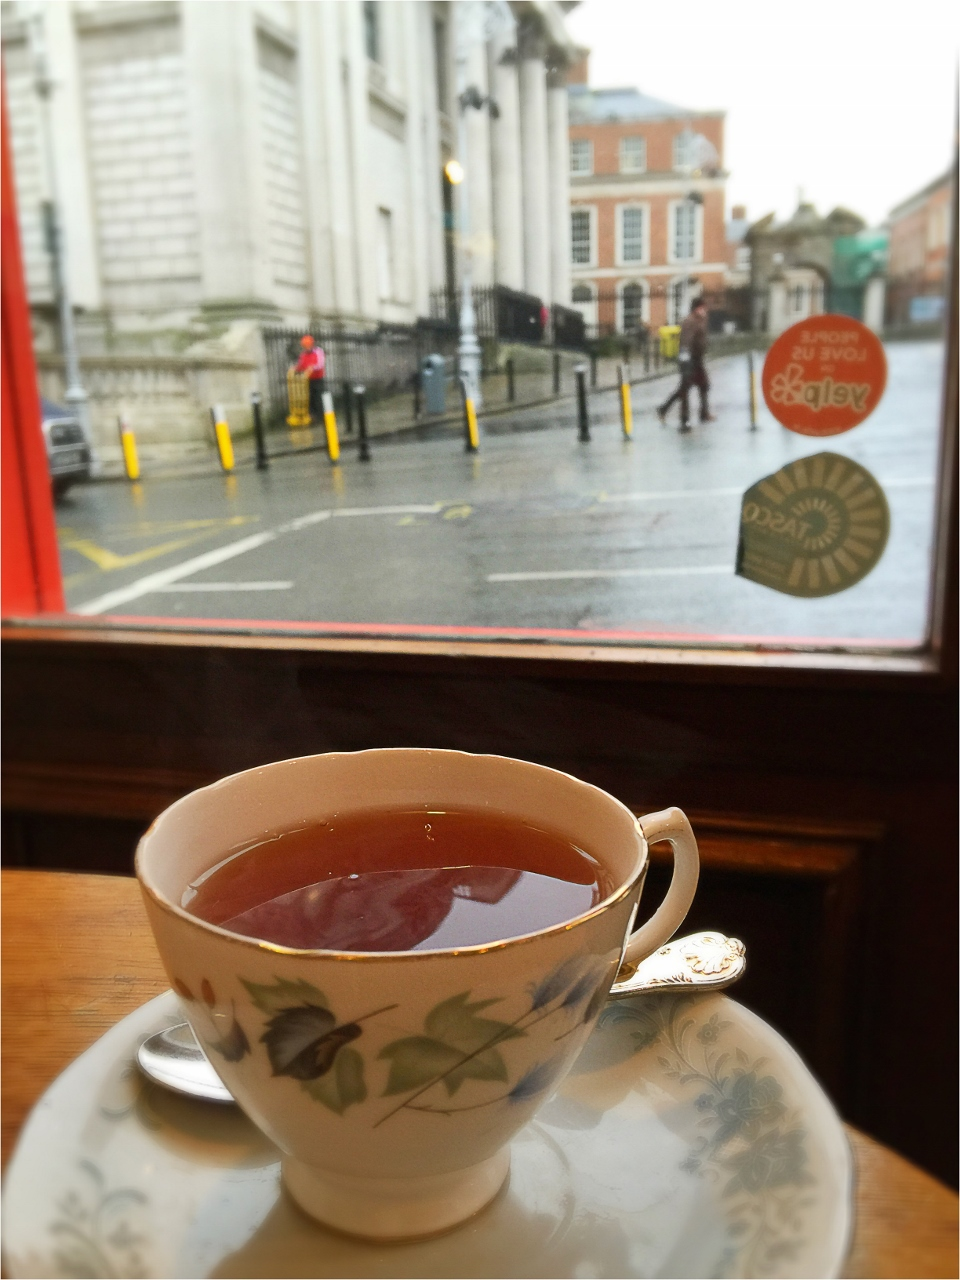 Queen of Tarts, Dublin Ireland, Tea